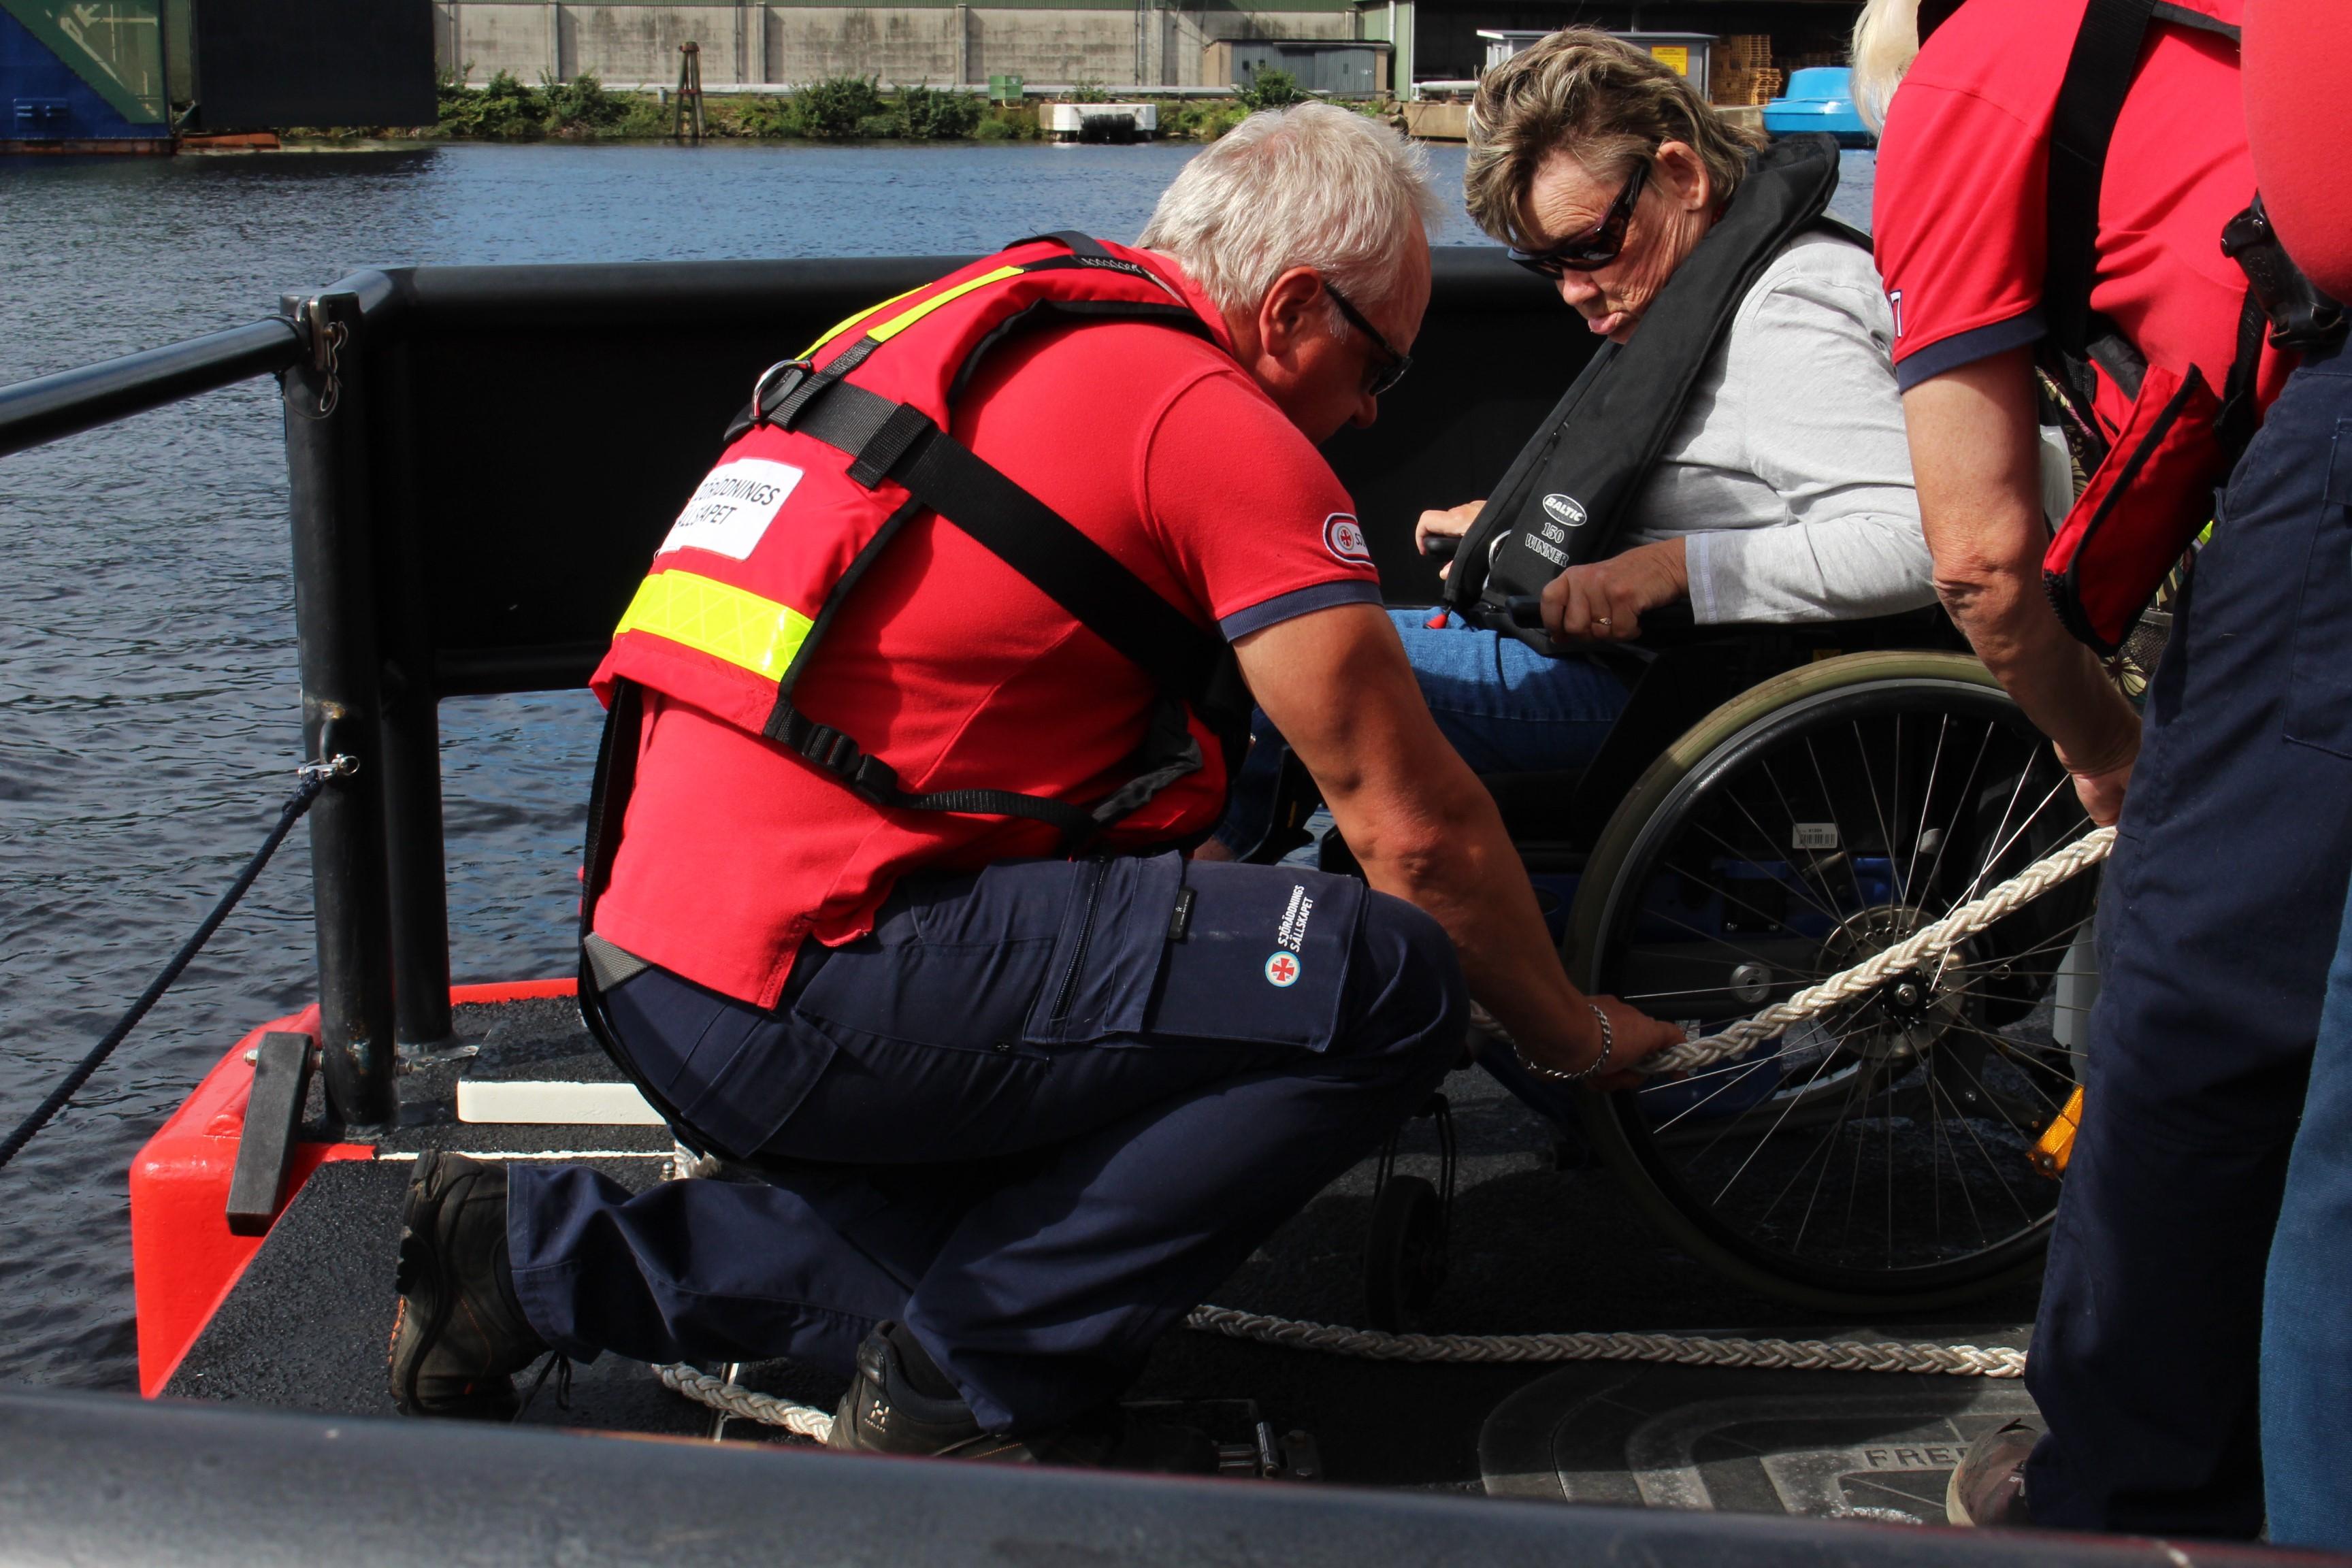 Anitas rullstol surras fast med starka rep